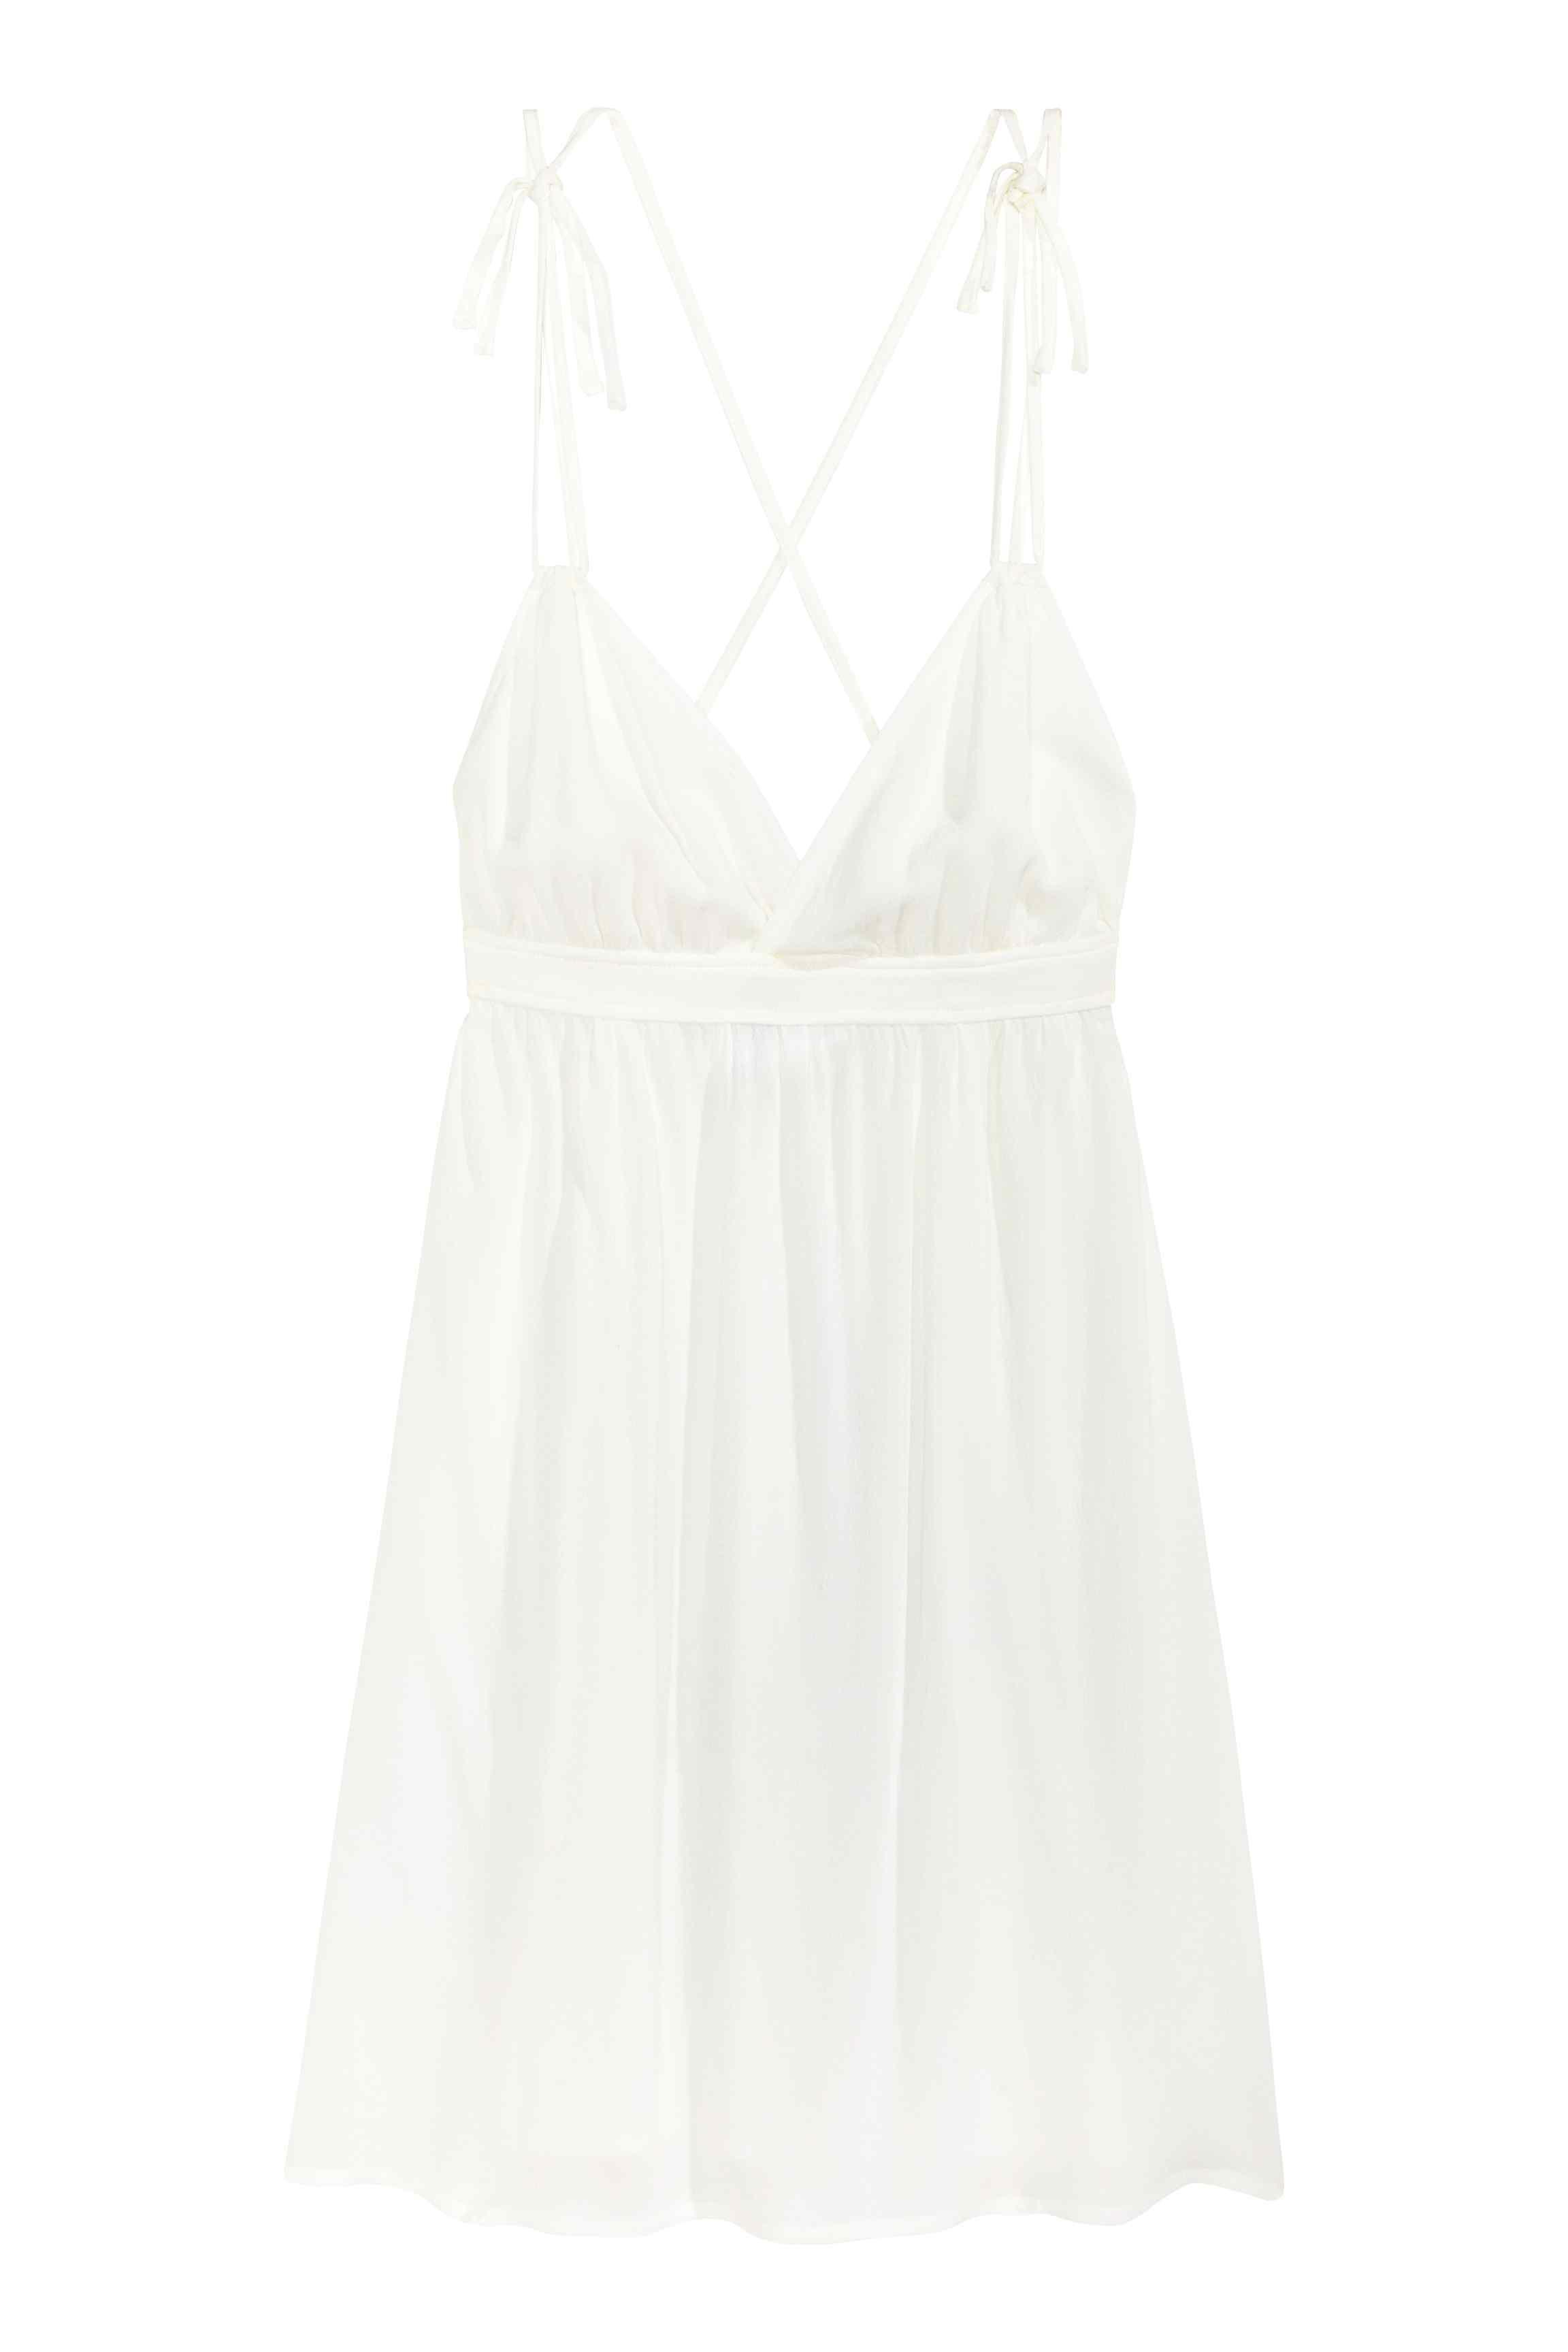 robe blanche h m une robe blanche pour un look frais elle. Black Bedroom Furniture Sets. Home Design Ideas